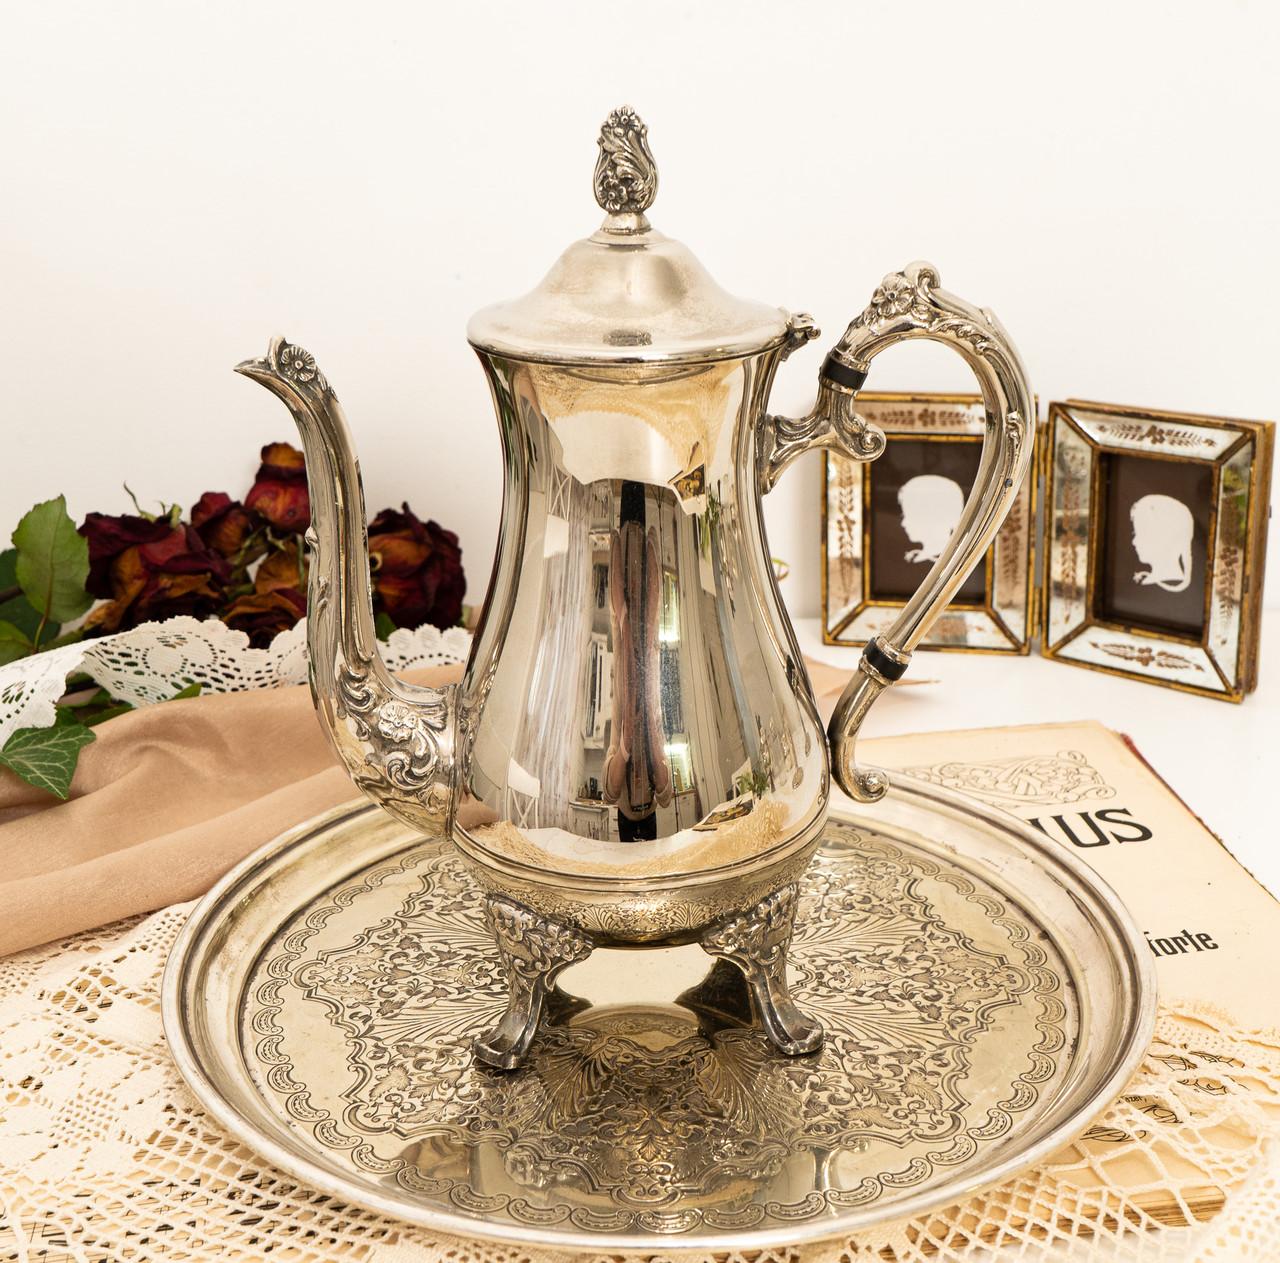 Посеребренный английский заварочный чайник на ножках, кофейник серебрение, мельхиор, Англия, 1,2 литра